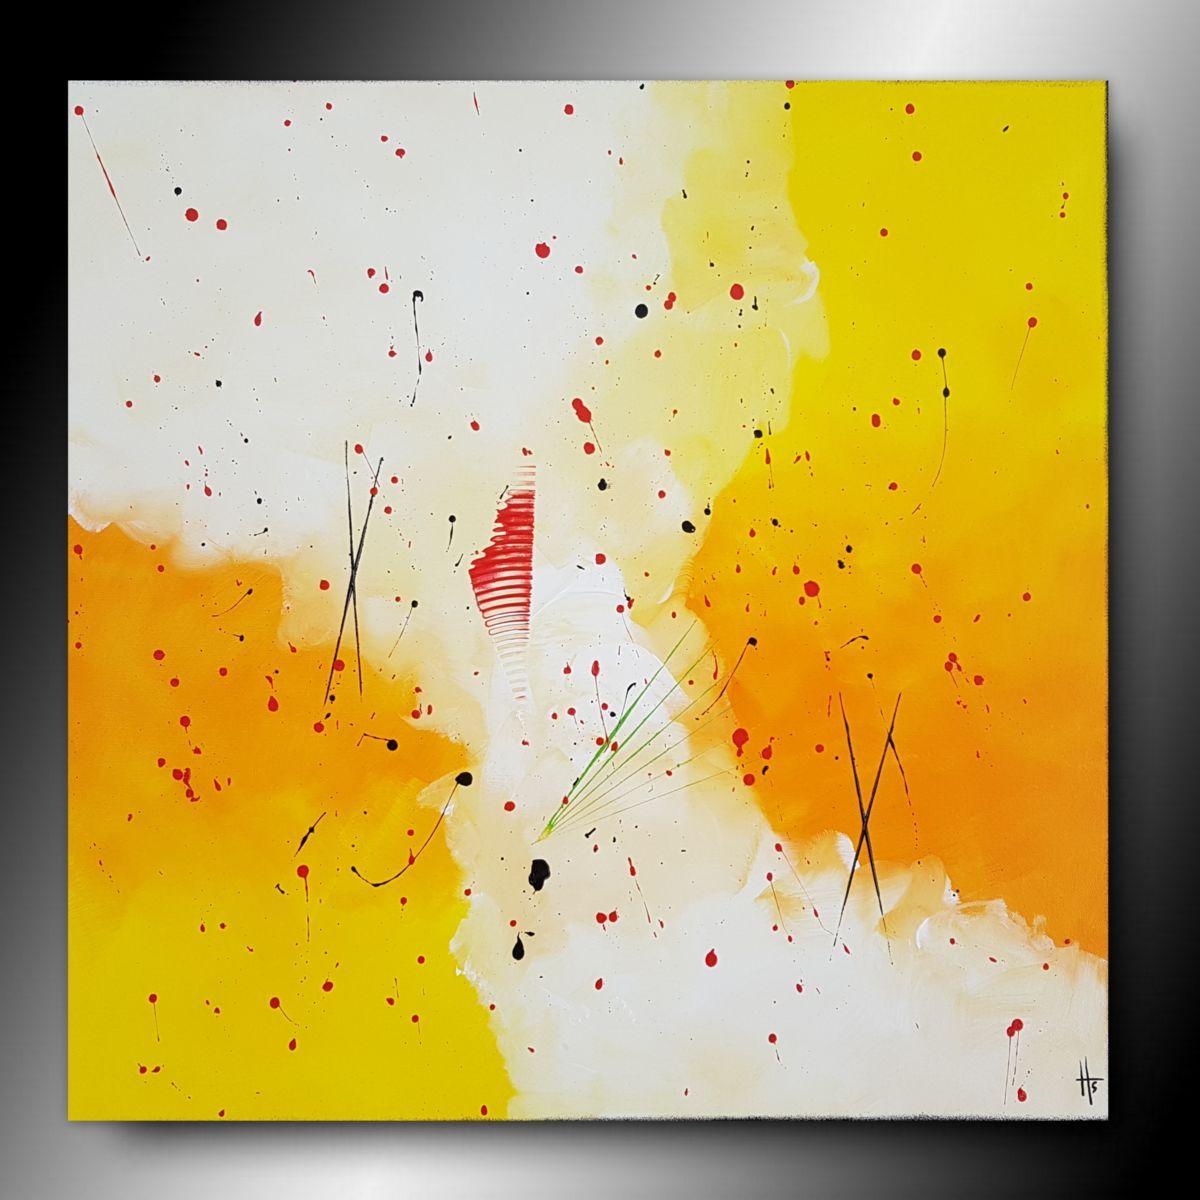 Tableau Peinture Abstraite Ambre Peinture 60x60x2 Cm C 2018 Par Sandrine Hartmann Art Ab Peinture Abstraite Abstrait Peinture